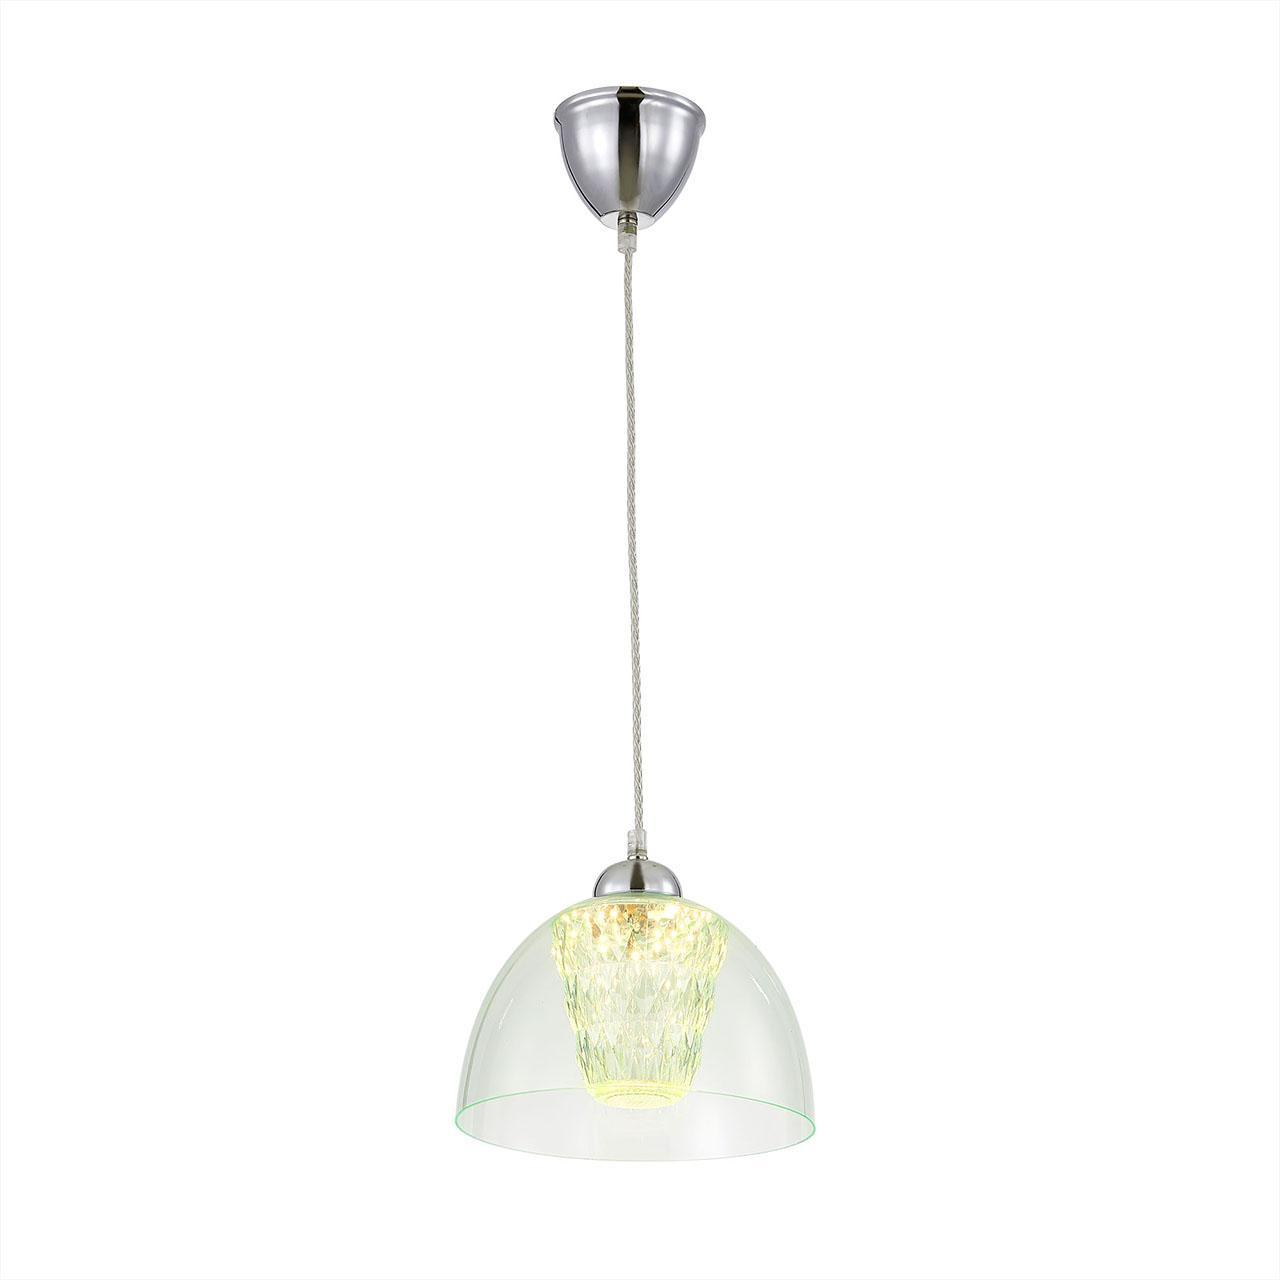 Подвесной светодиодный светильник Citilux Топаз CL717113 citilux подвесной светильник citilux топаз cl717111